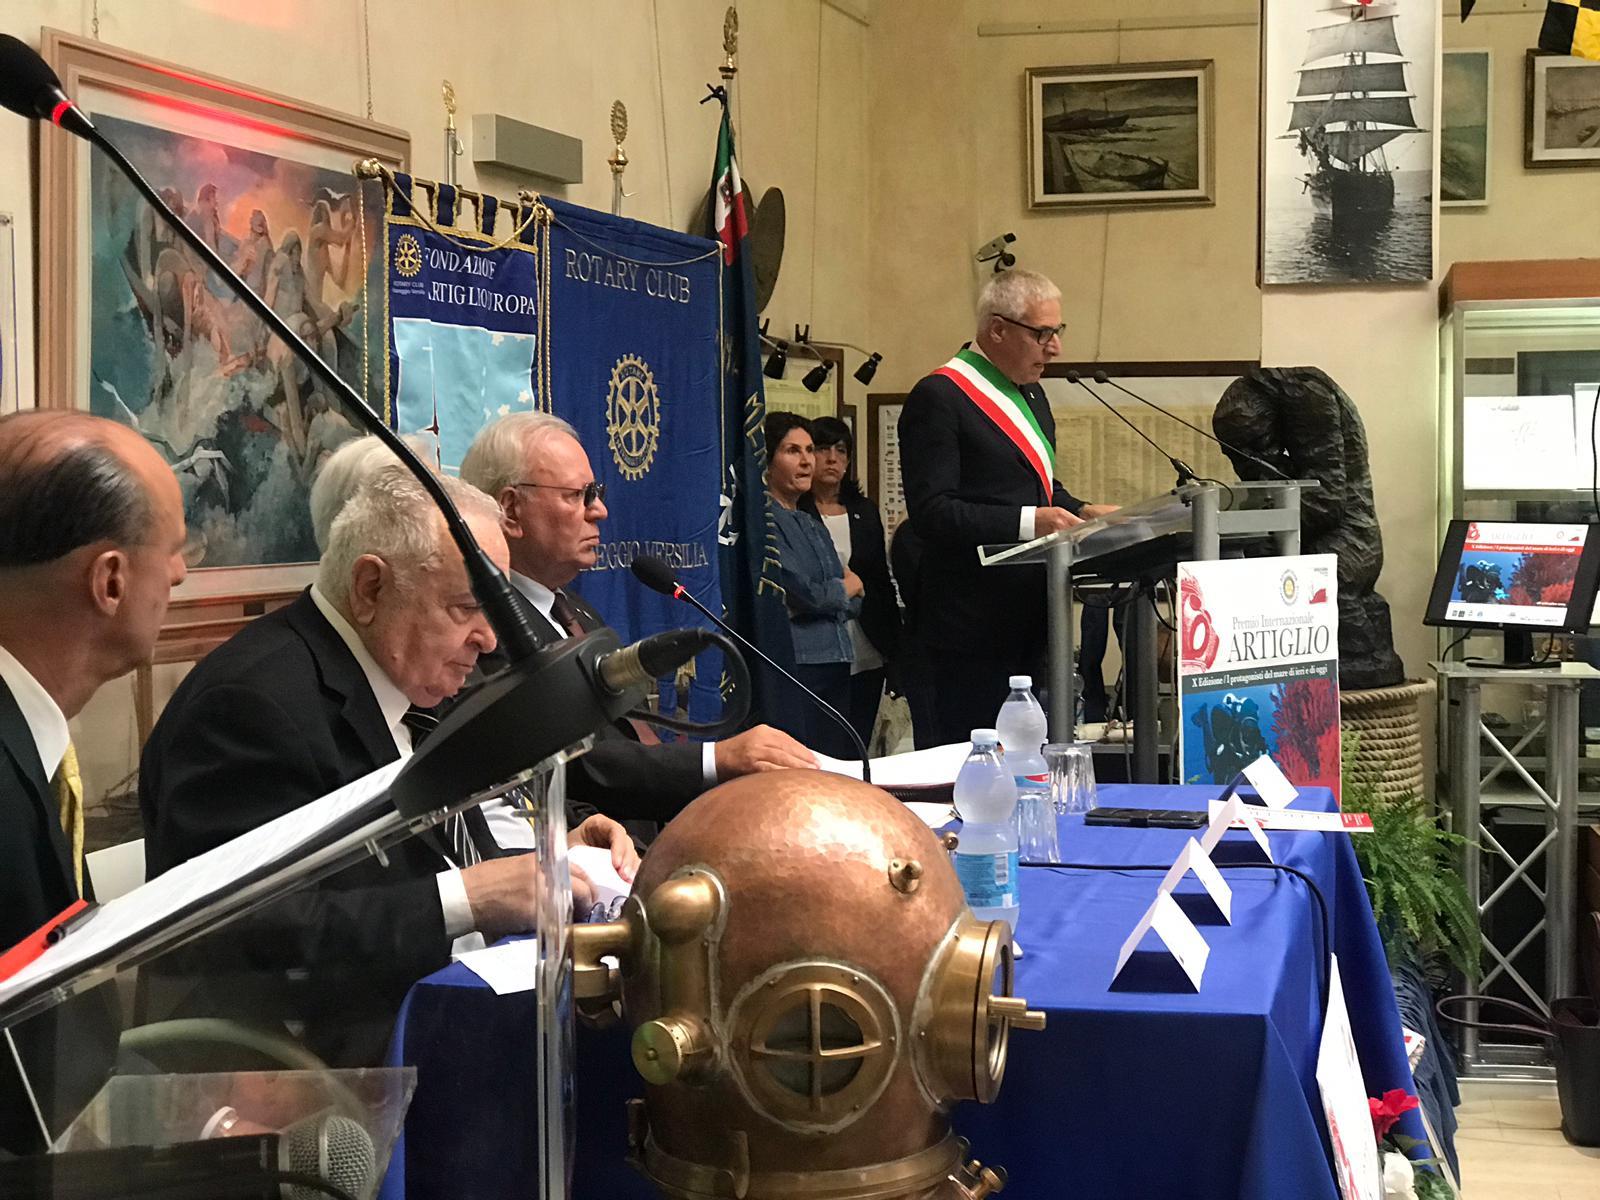 Premio Artiglio 2019, l'intervento del sindaco di Viareggio